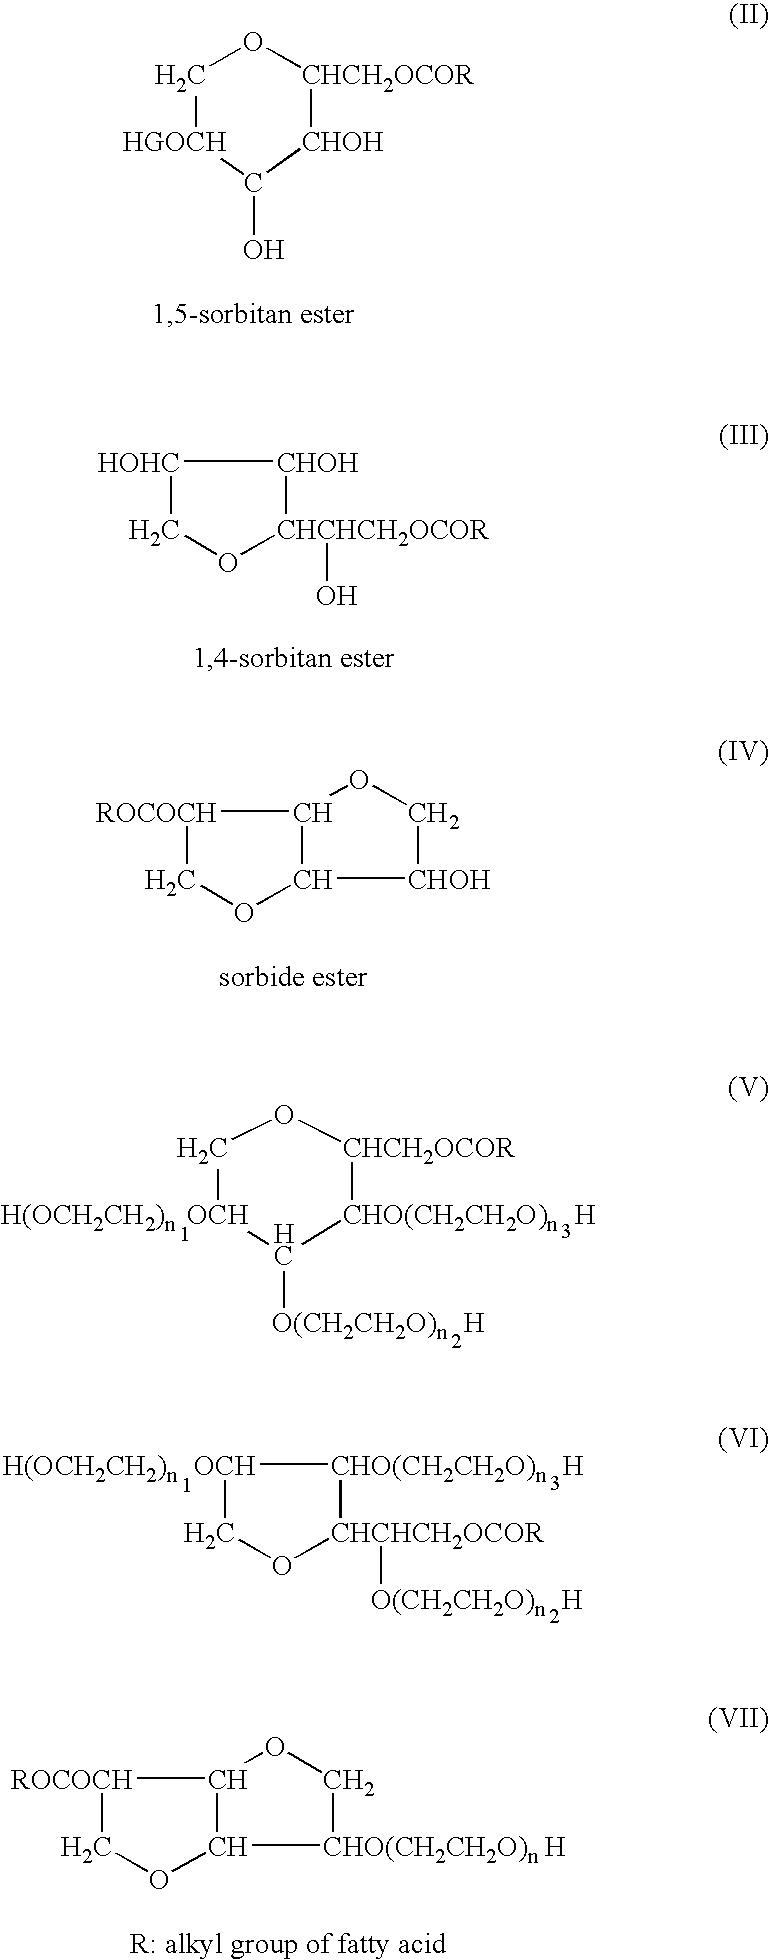 Figure US20060021545A1-20060202-C00012